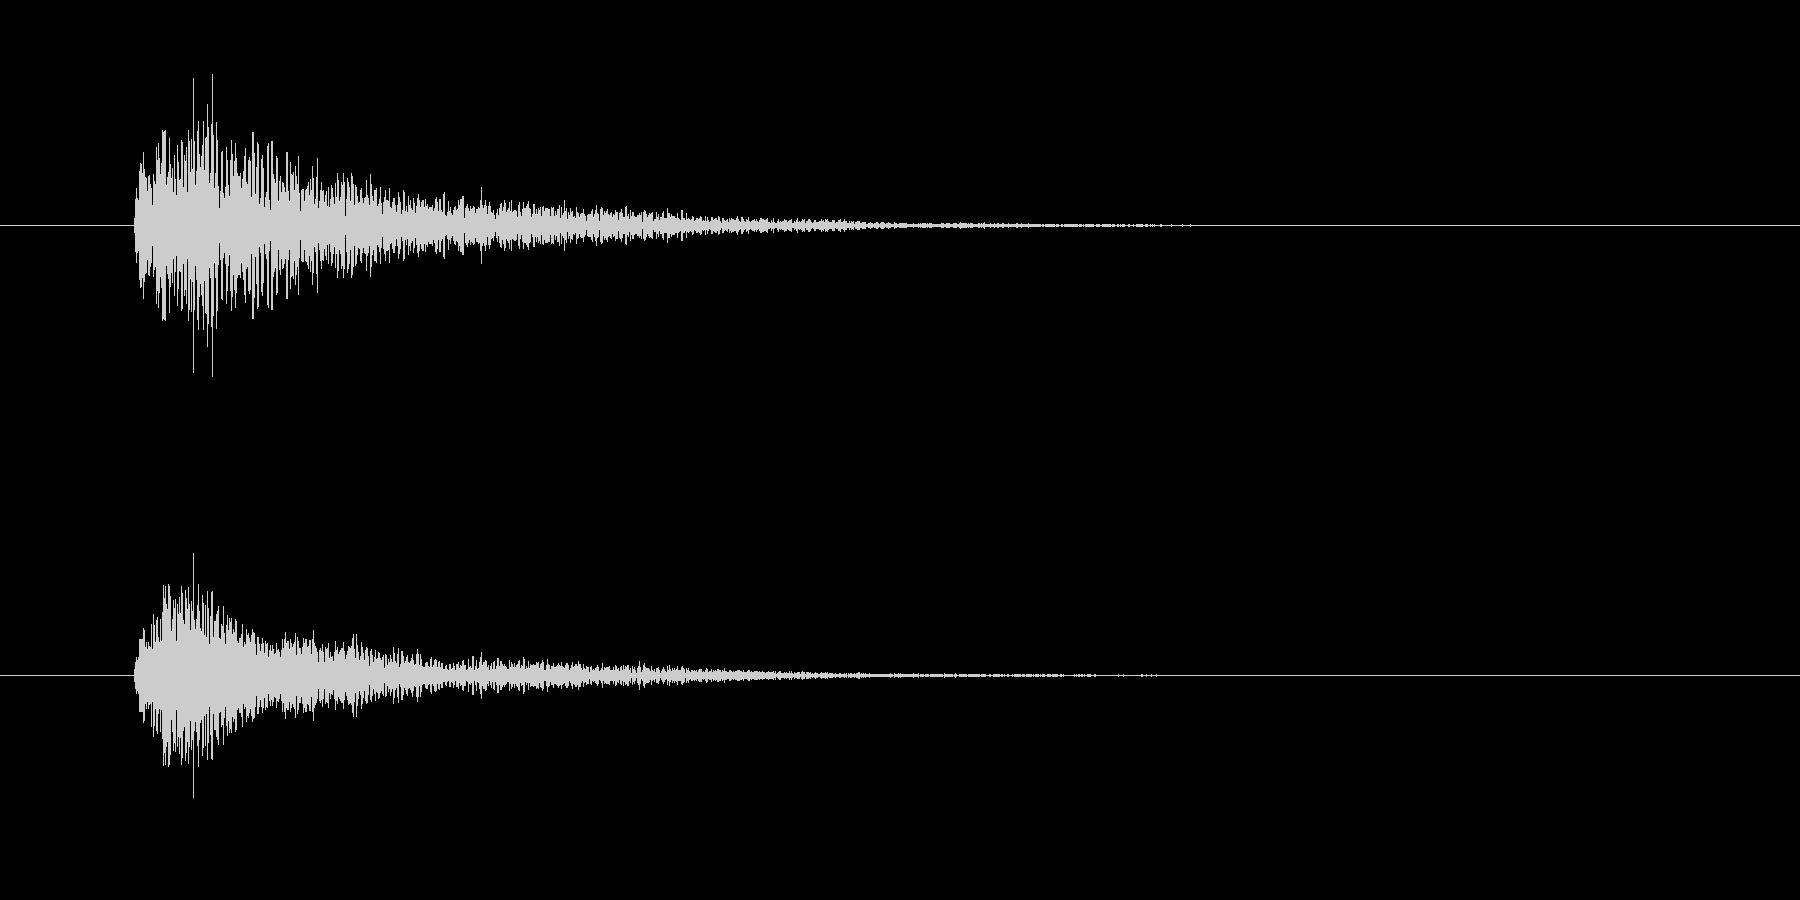 ジャラン(終了音、PC起動)の未再生の波形